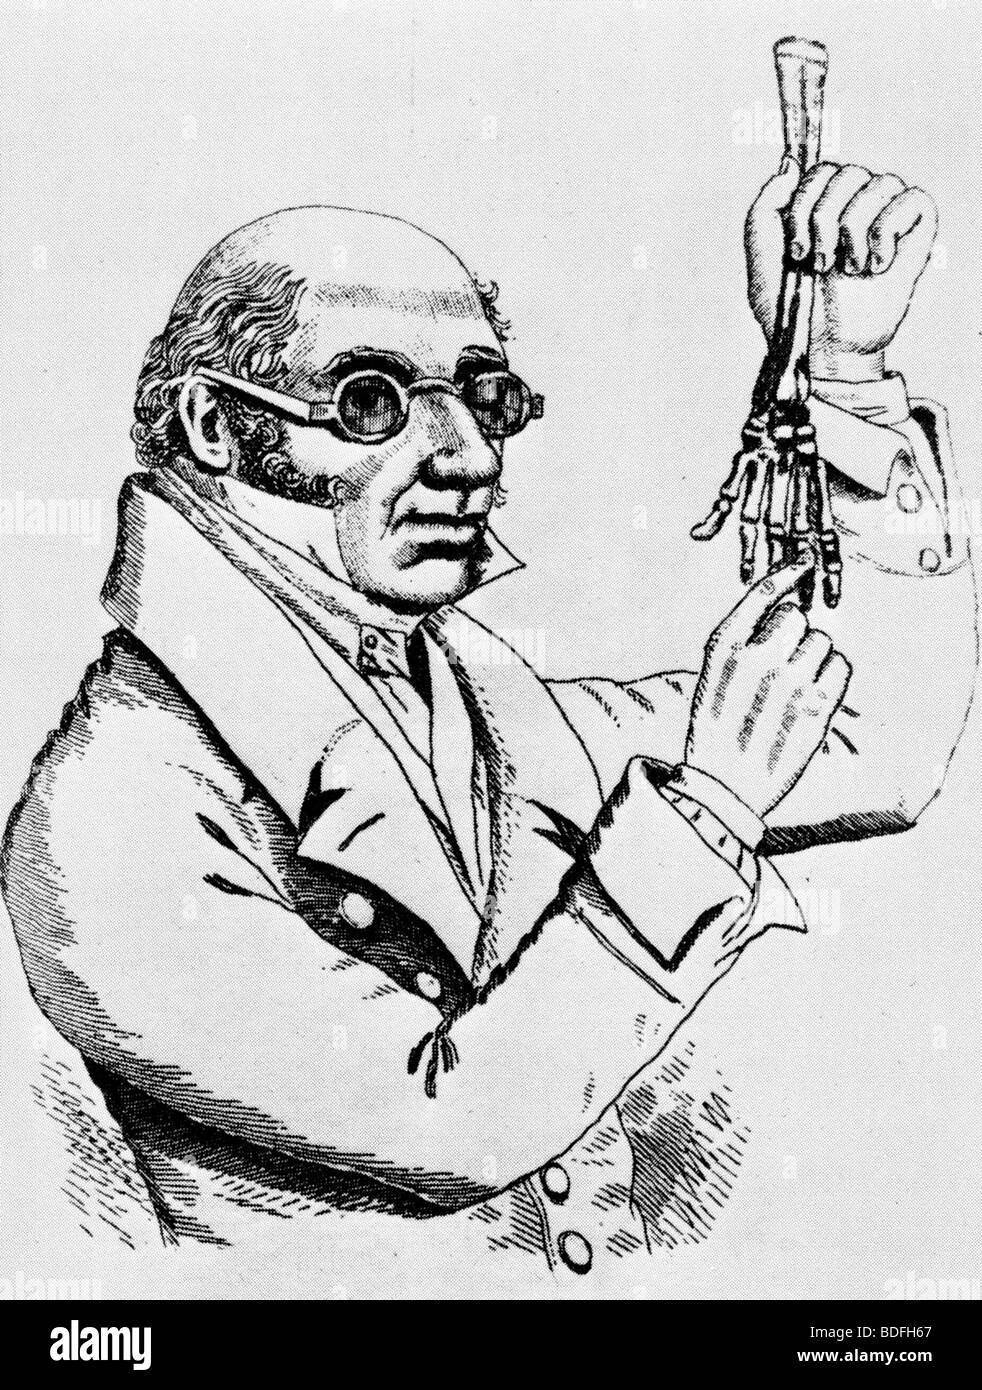 Großzügig Anatomie Eines Mordes Bewertung Ideen - Anatomie Ideen ...